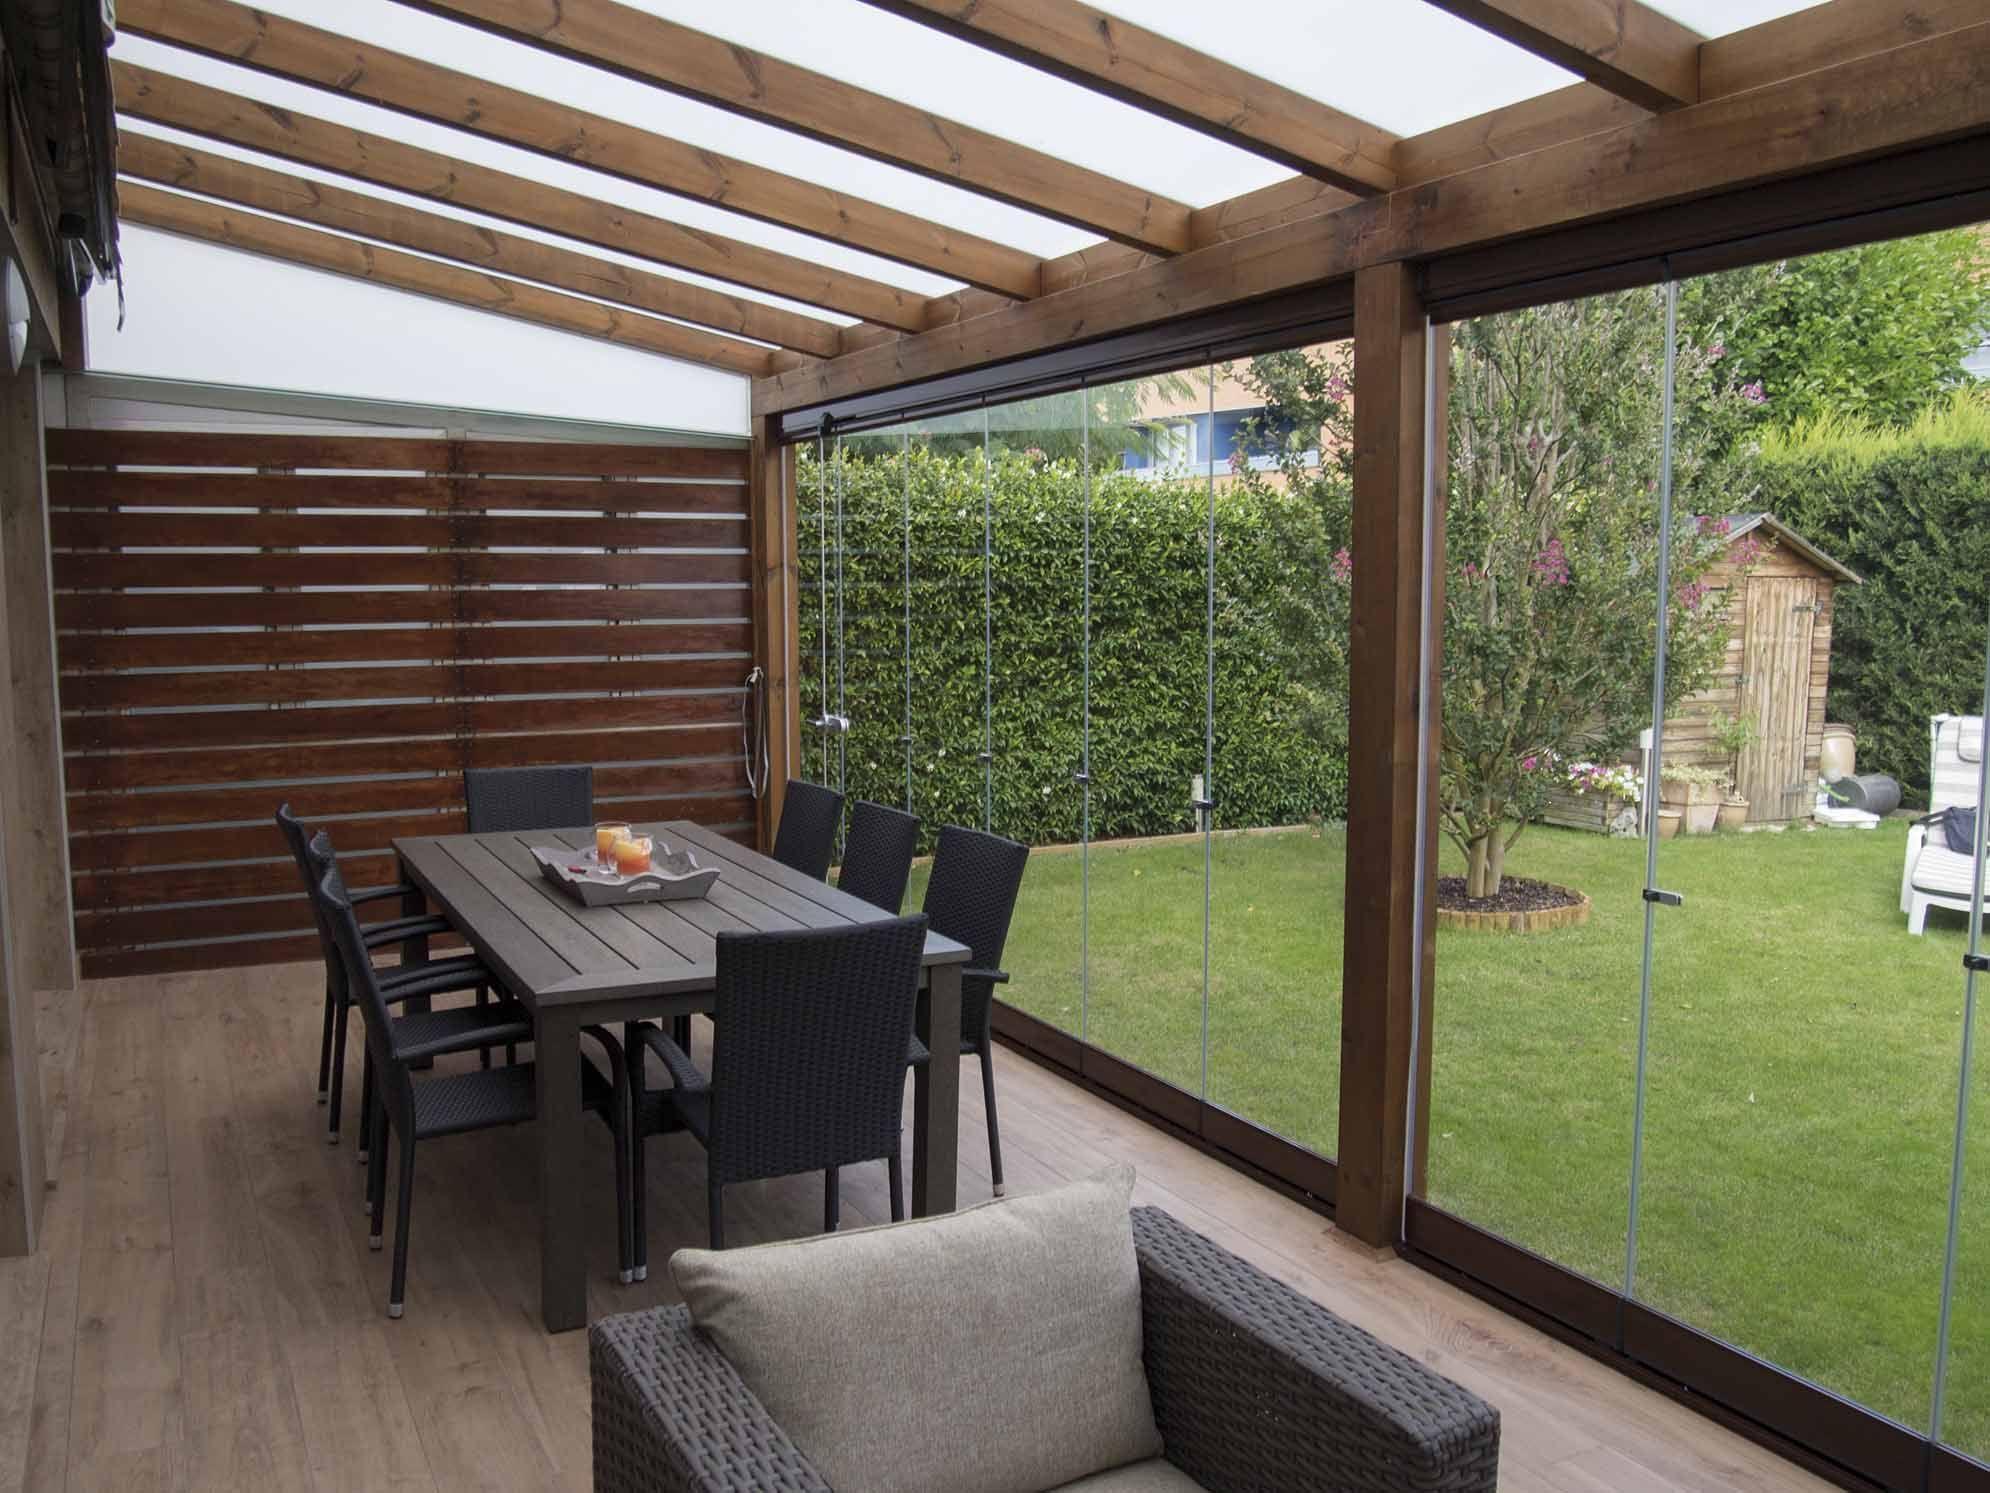 Cerramiento de cristal lumon instalado en un porche con for Terraza decoracion apartamento al aire libre